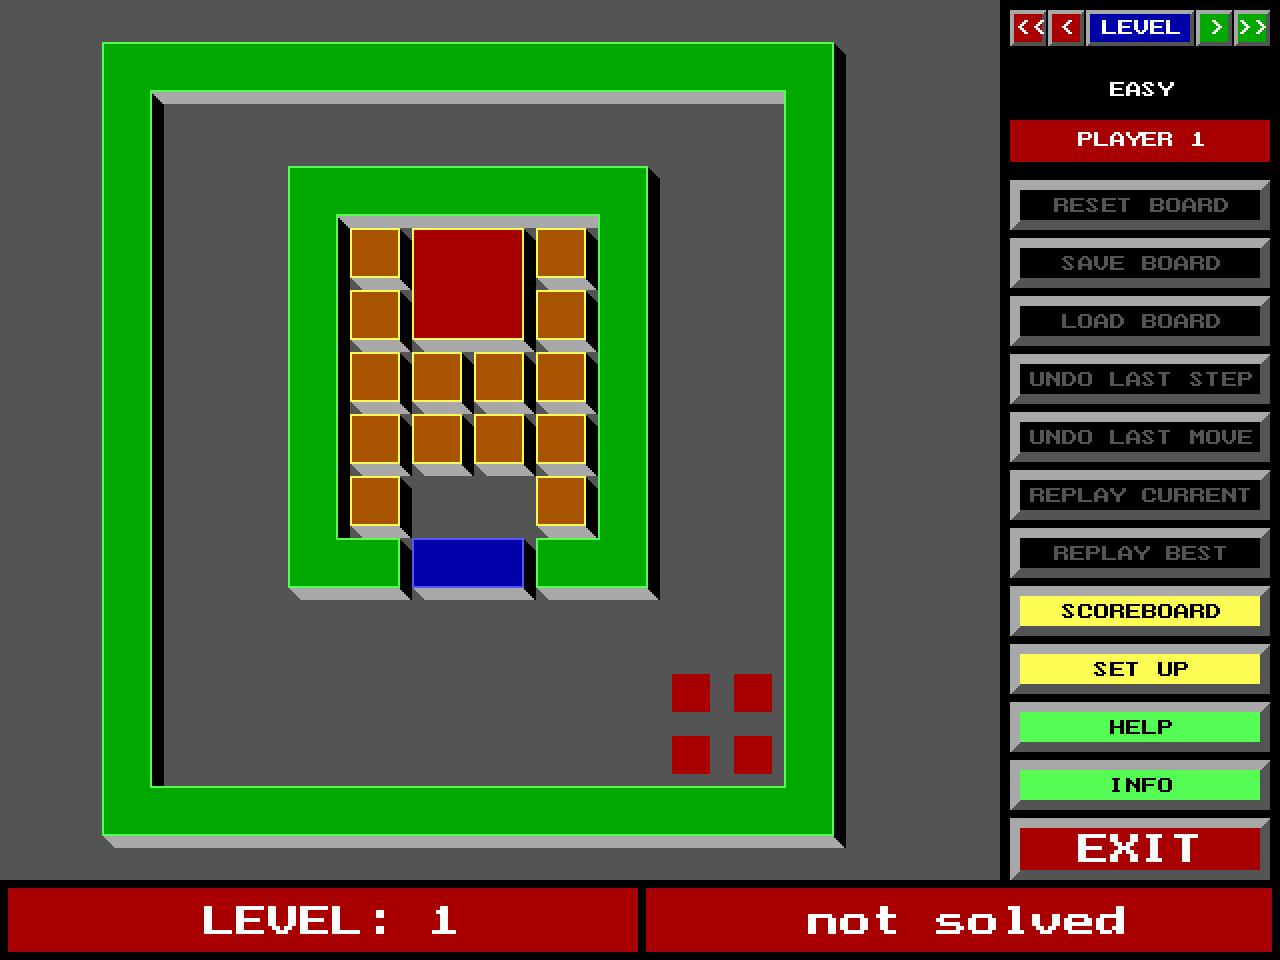 DISTR 3: софт с пятидюймовых дискет - 25